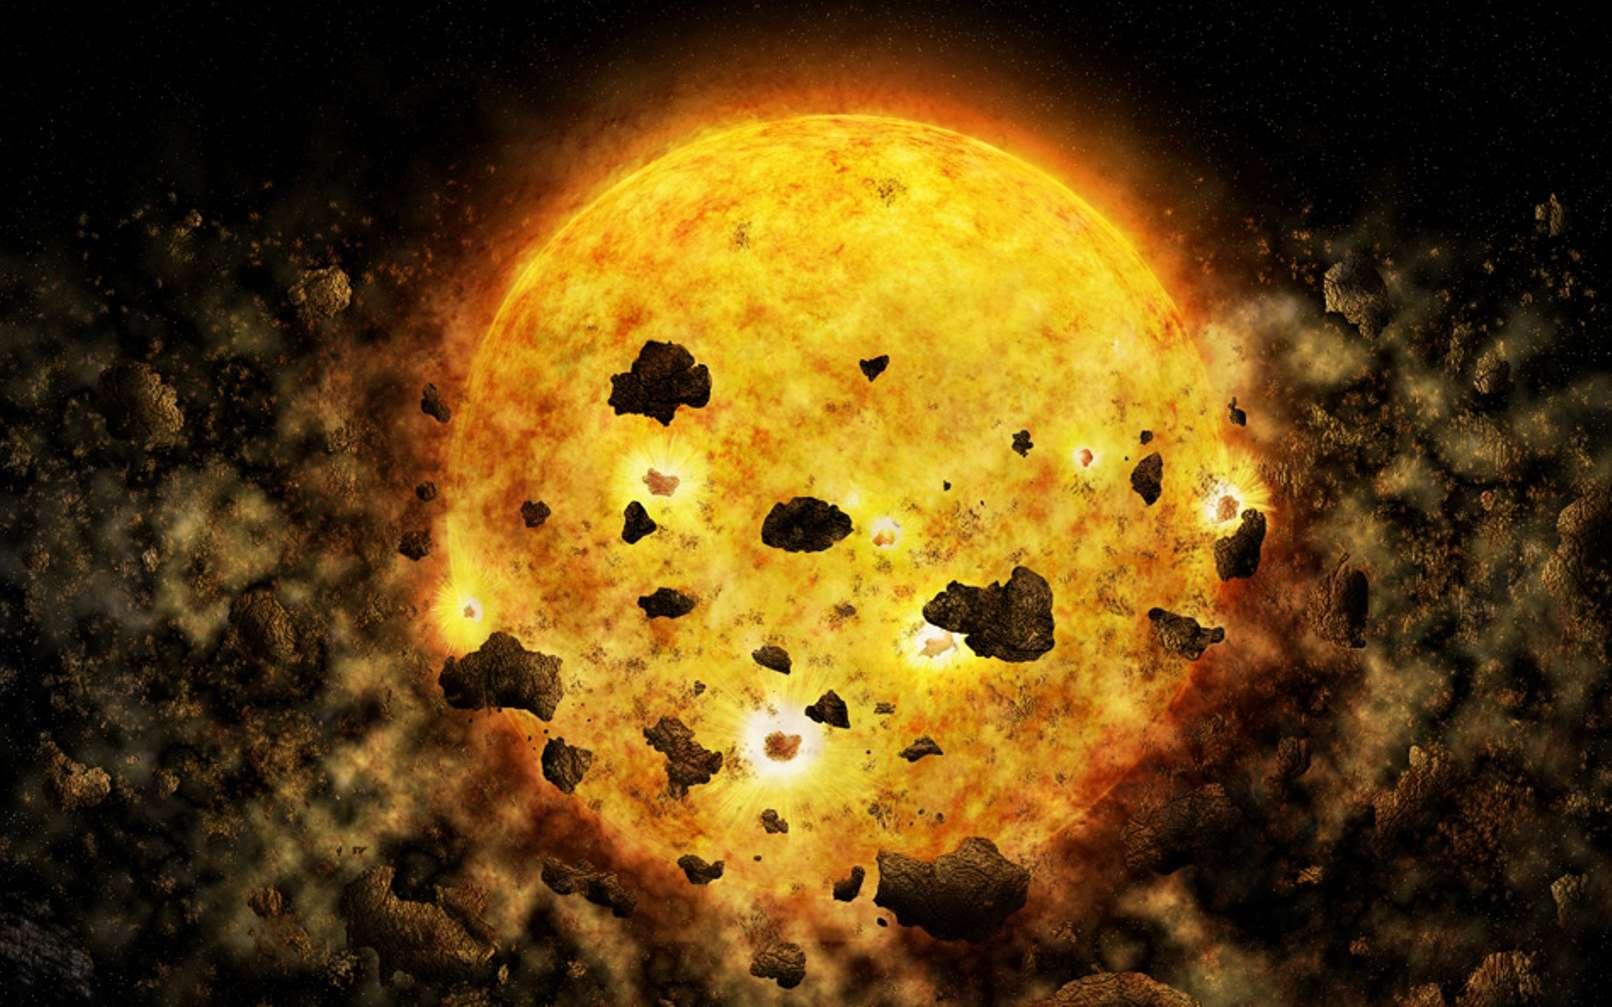 Une vue d'artiste très exagérée de la destruction de jeunes planètes rocheuses par une jeune étoile. © NASA, CXC, M.Weiss